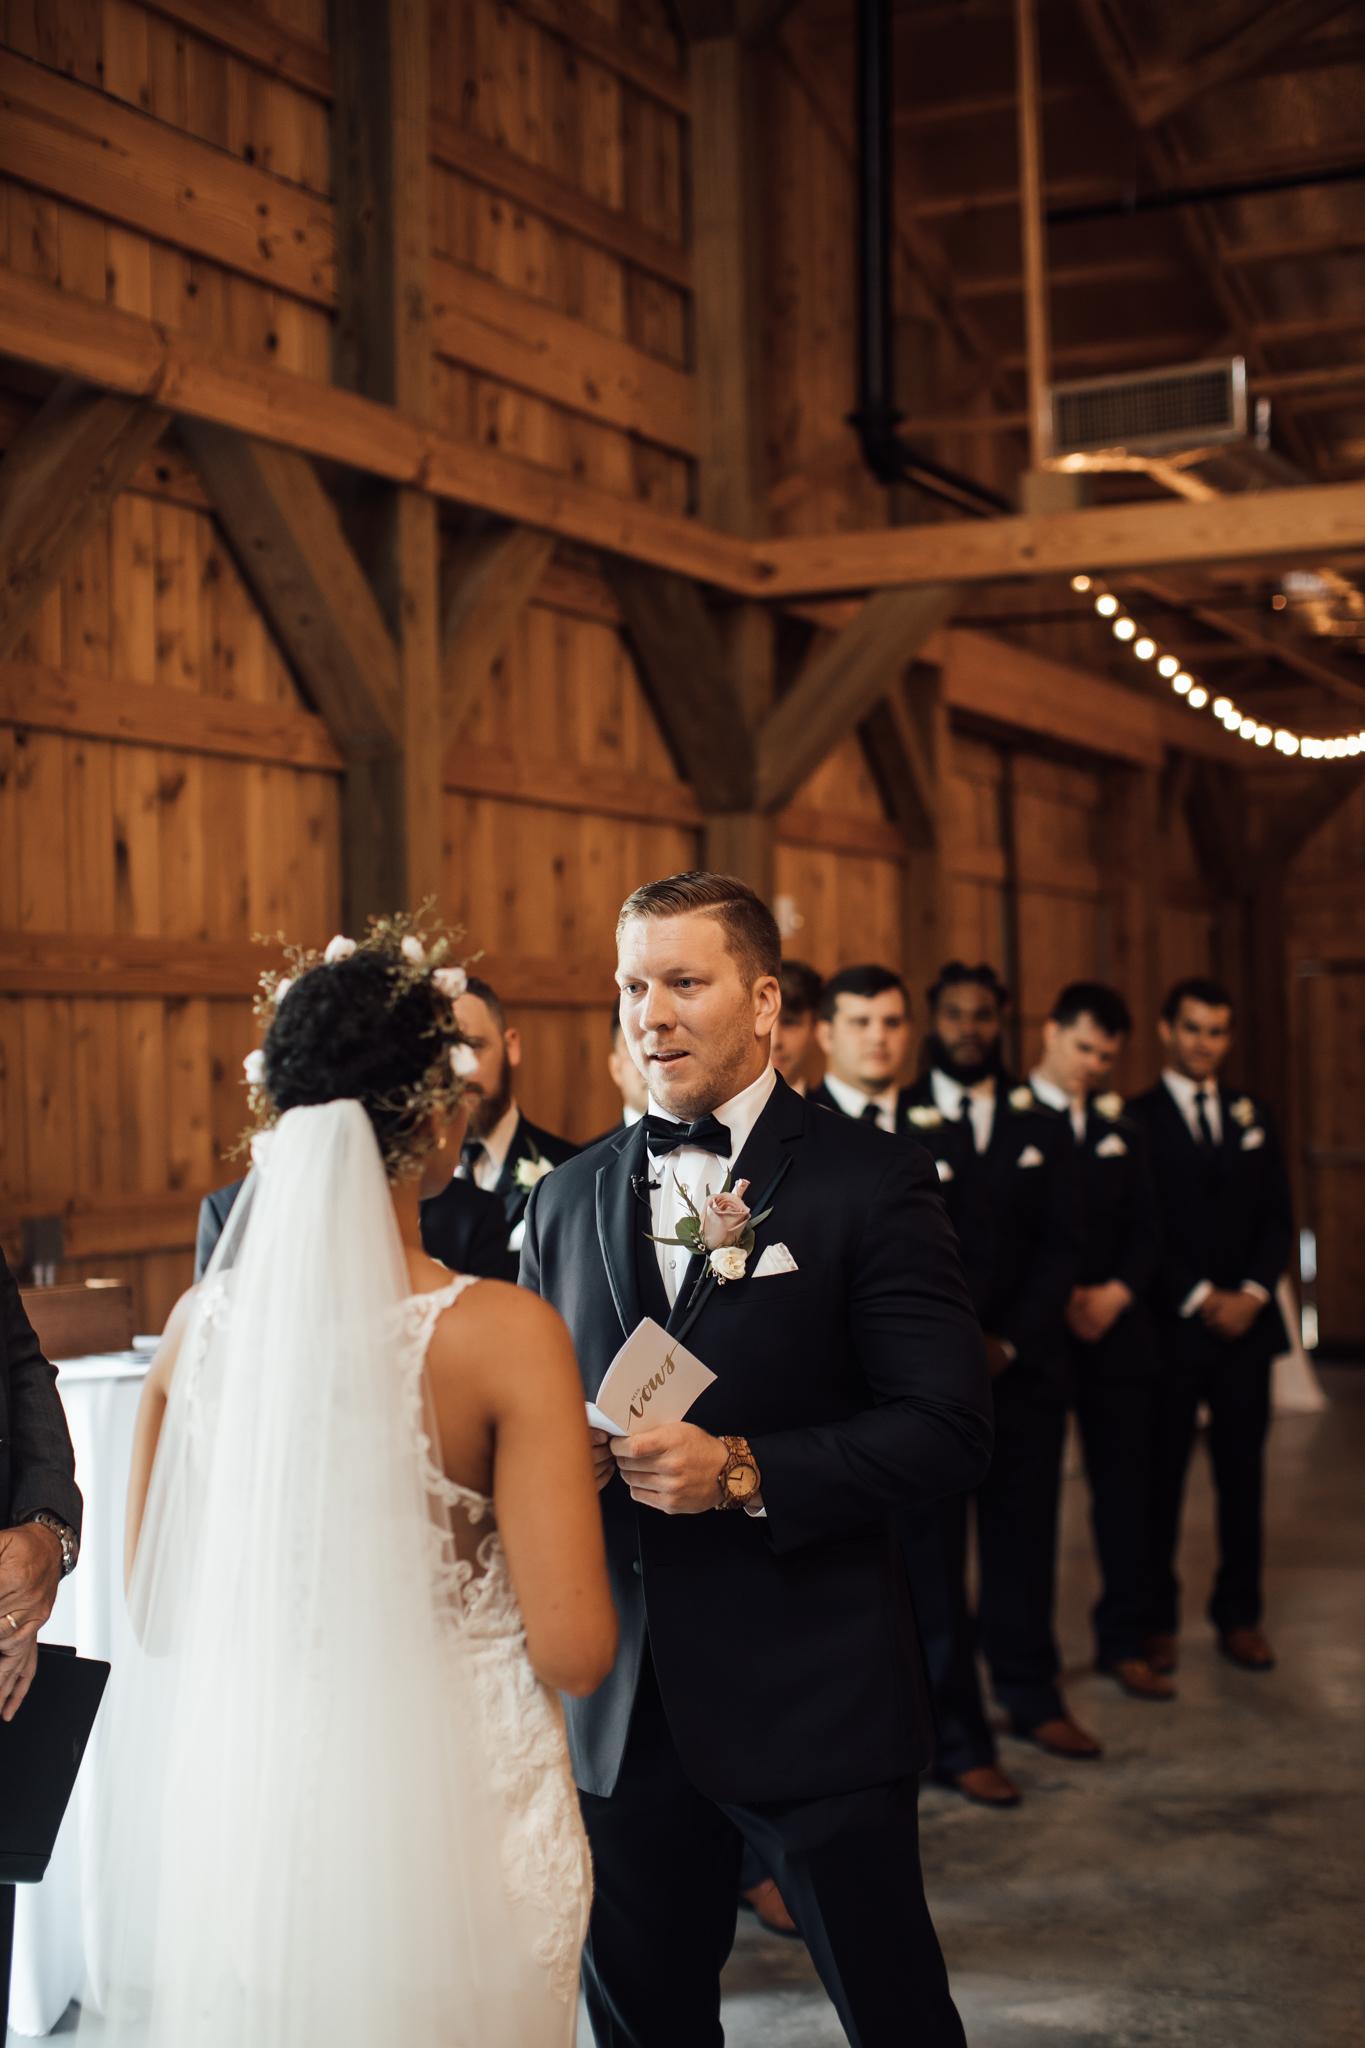 saddlewoodsfarms-nashville-wedding-photographer-thewarmtharoundyou-rustic-wedding (30 of 251).jpg